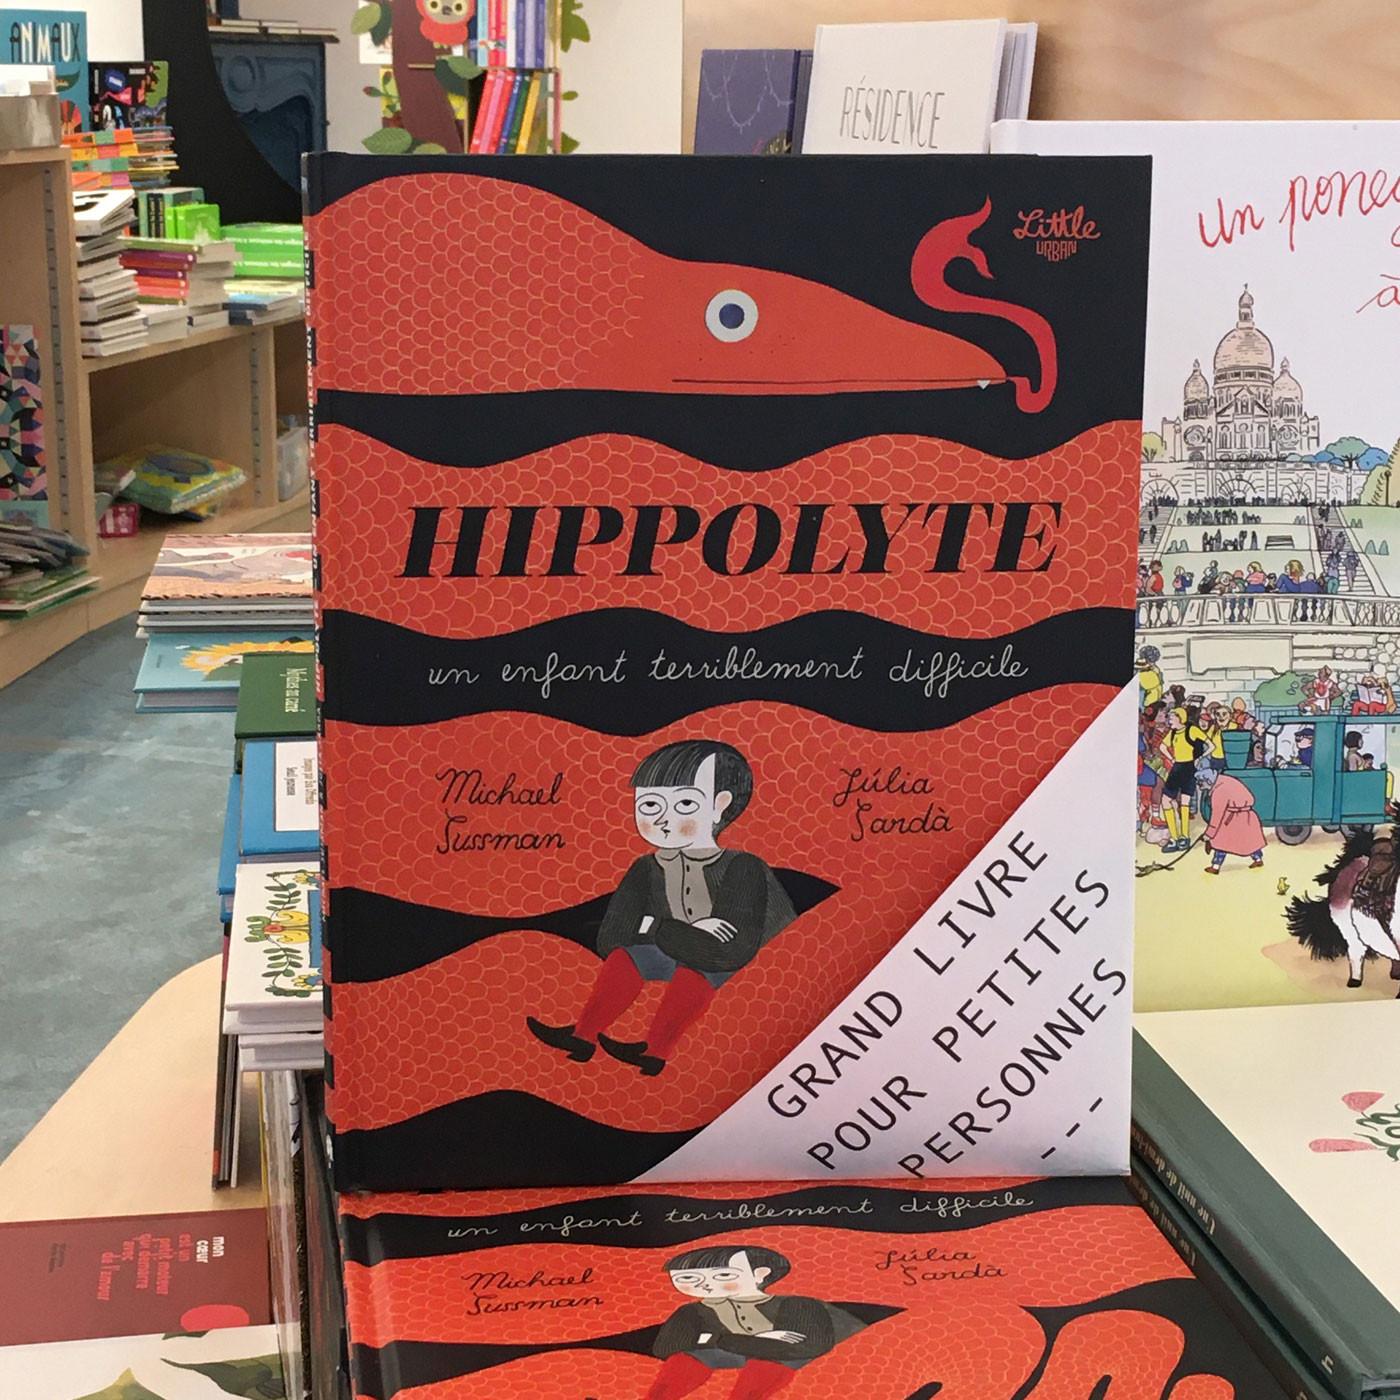 Grands livres pour petites personnes #21 - Hippolyte, un enfant terriblement difficile